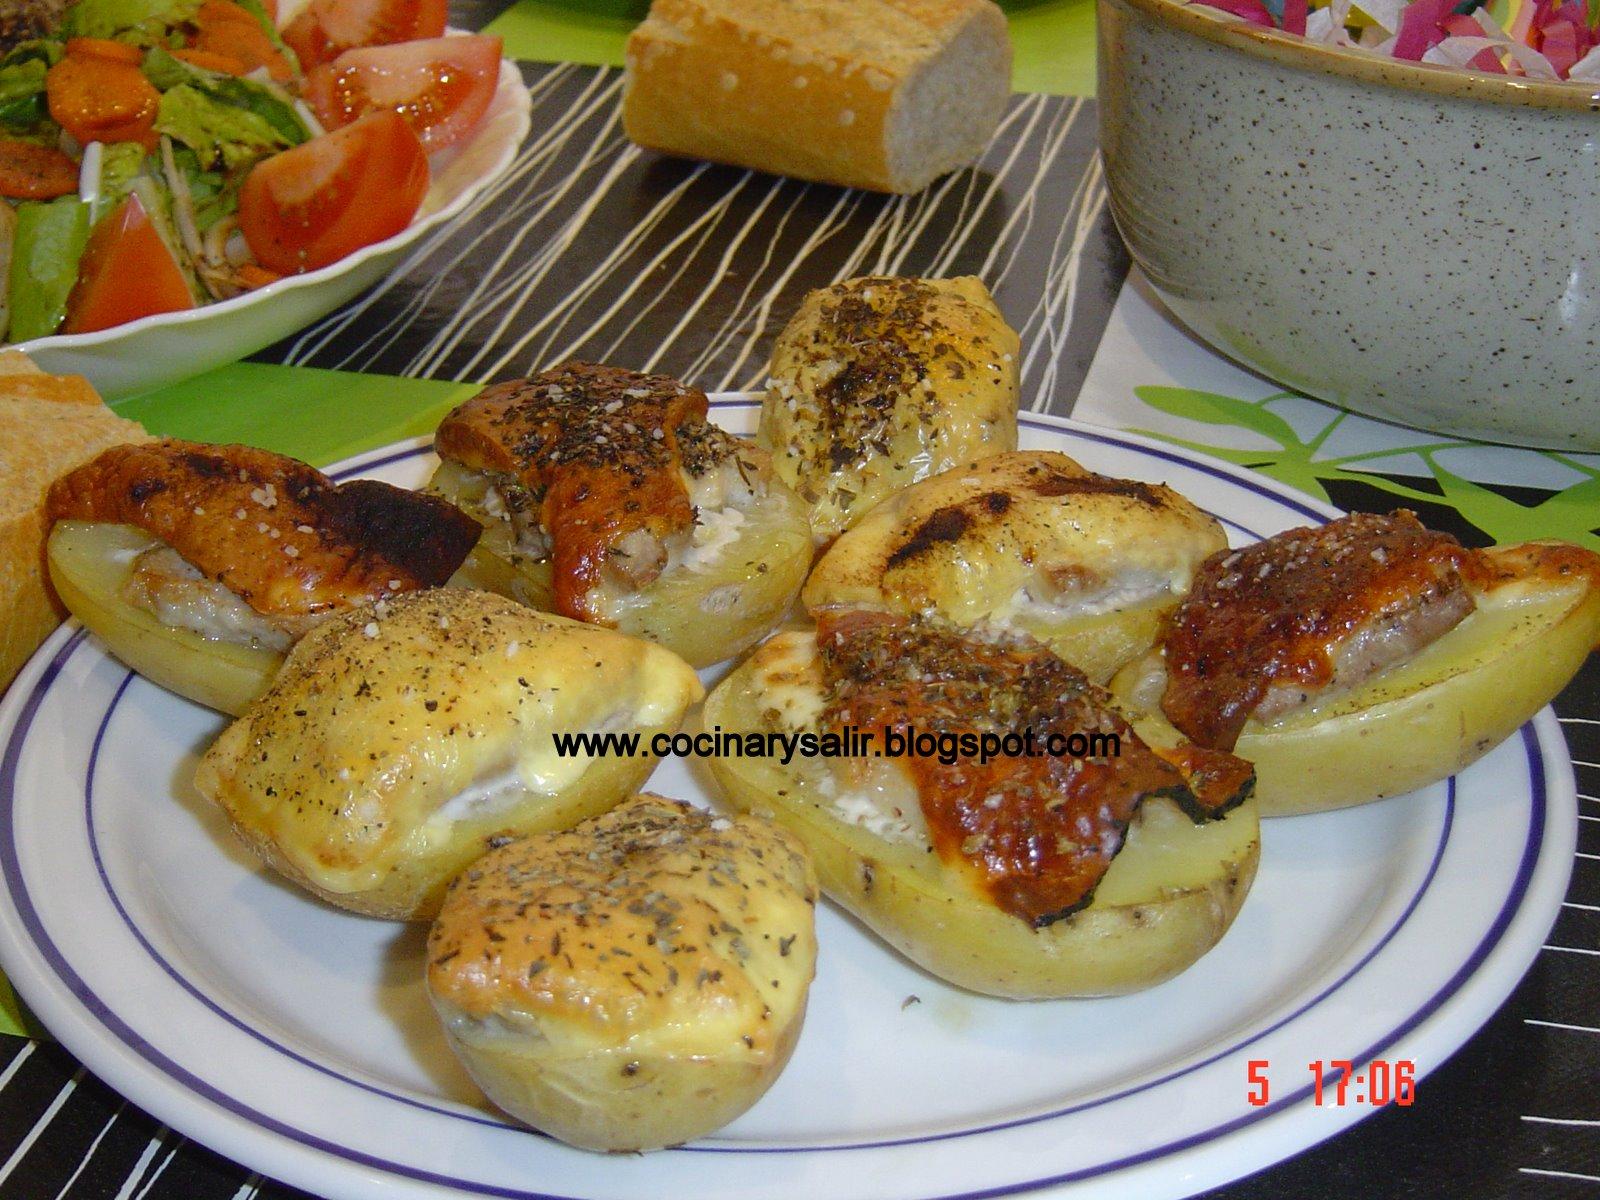 Cocinar y salir patatas al horno con panceta y queso for Cocinar gambas al horno